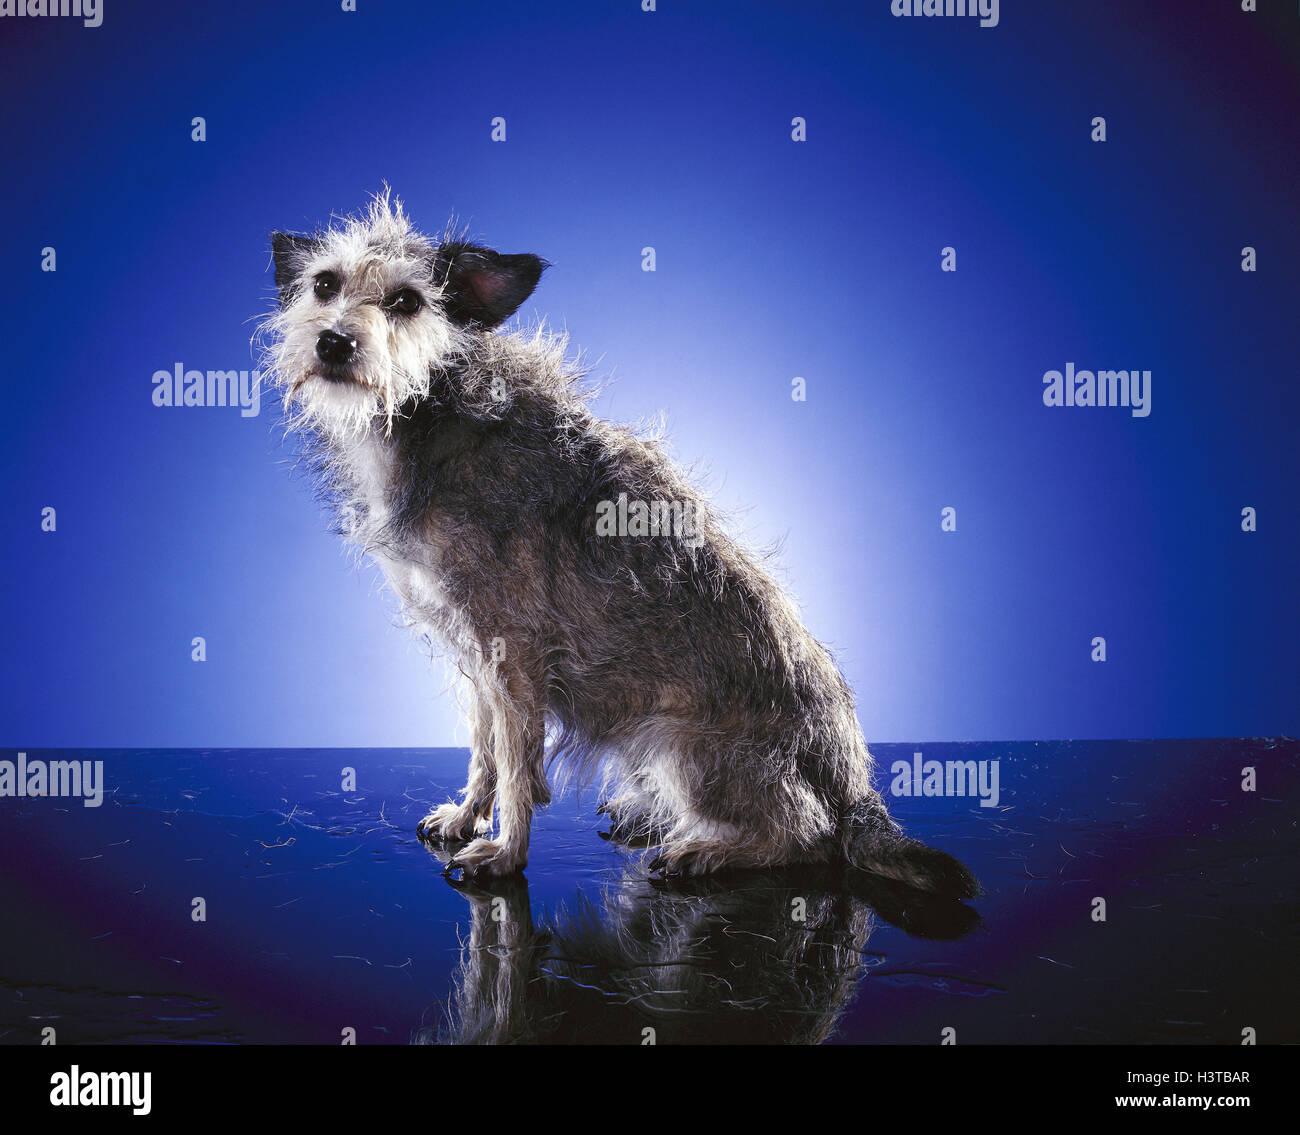 Hybrid dog, unkemptly mammal, doggy, Canidae, pet, hybrid, dog, pet dog, sit, fur, damp, studio - Stock Image